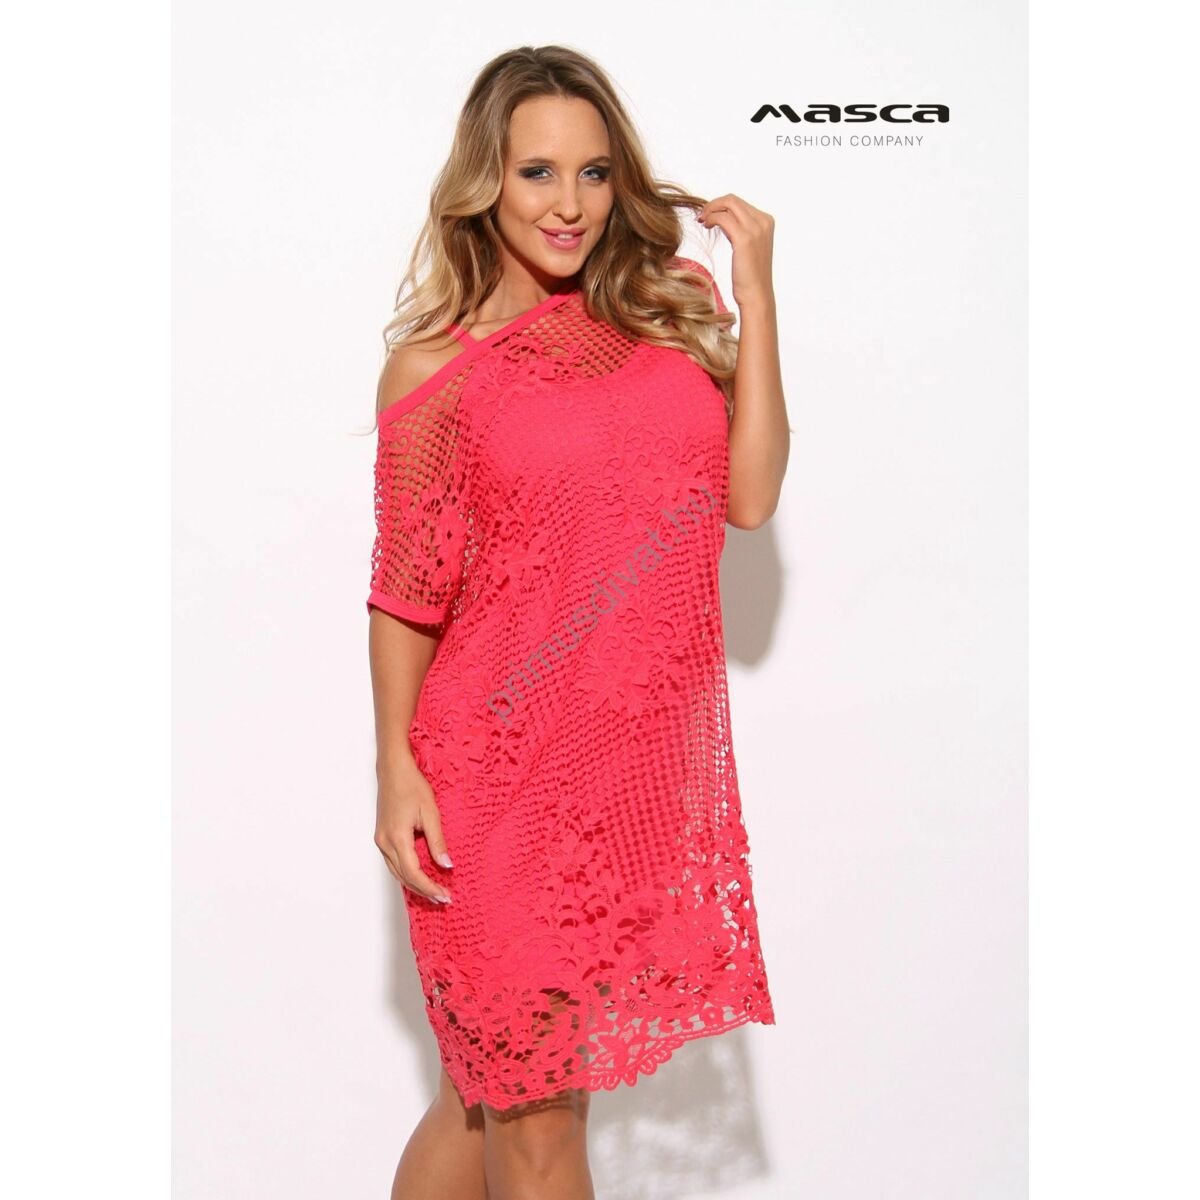 d747b4737a Kép 1/1 - Masca Fashion kétrészes rövid ujjú pink színű csipkés ruha,  spagettipántos szűkebb viszkóz alsó résszel